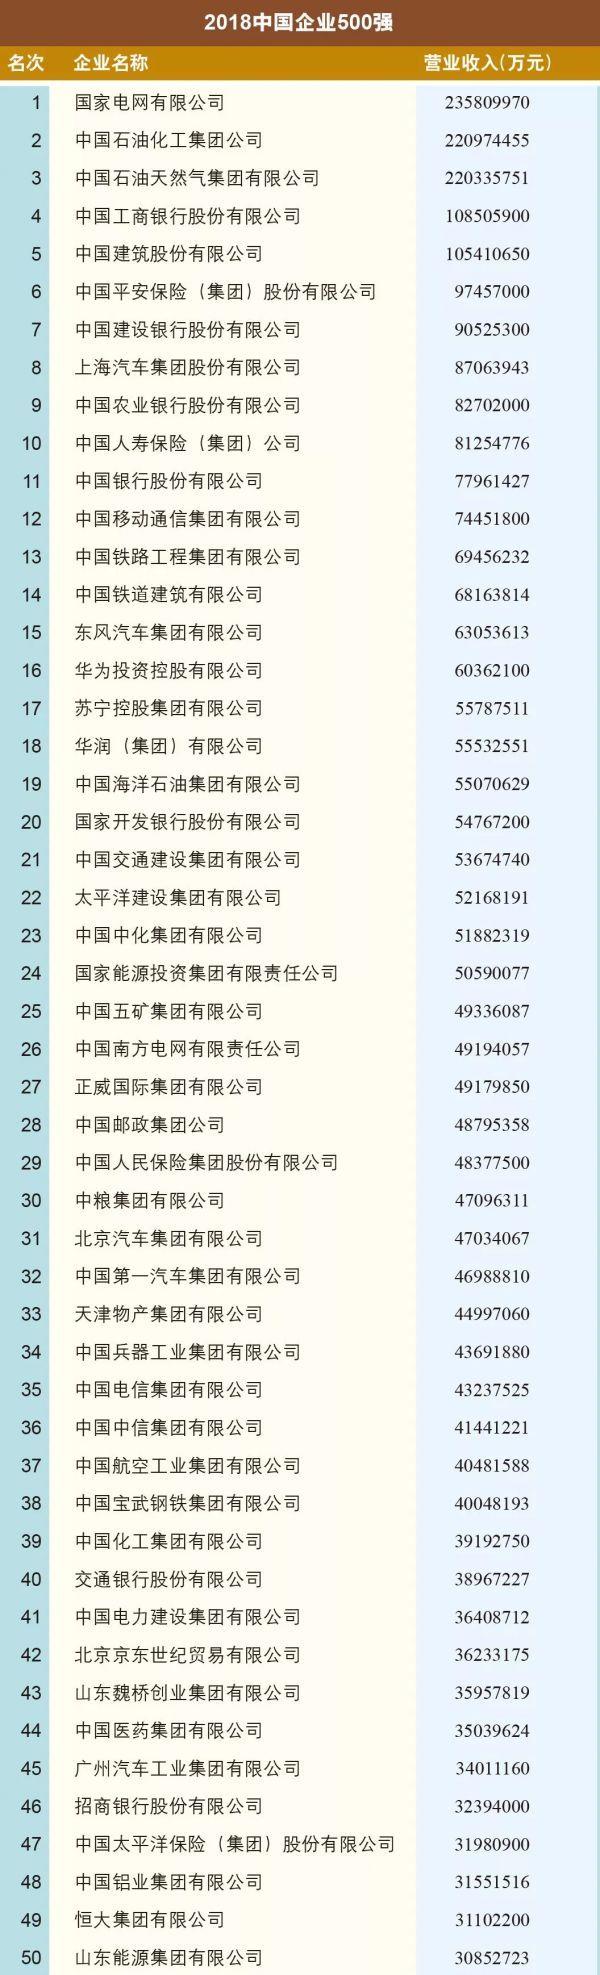 2018中国500强企业榜单出炉 百度热搜 图2